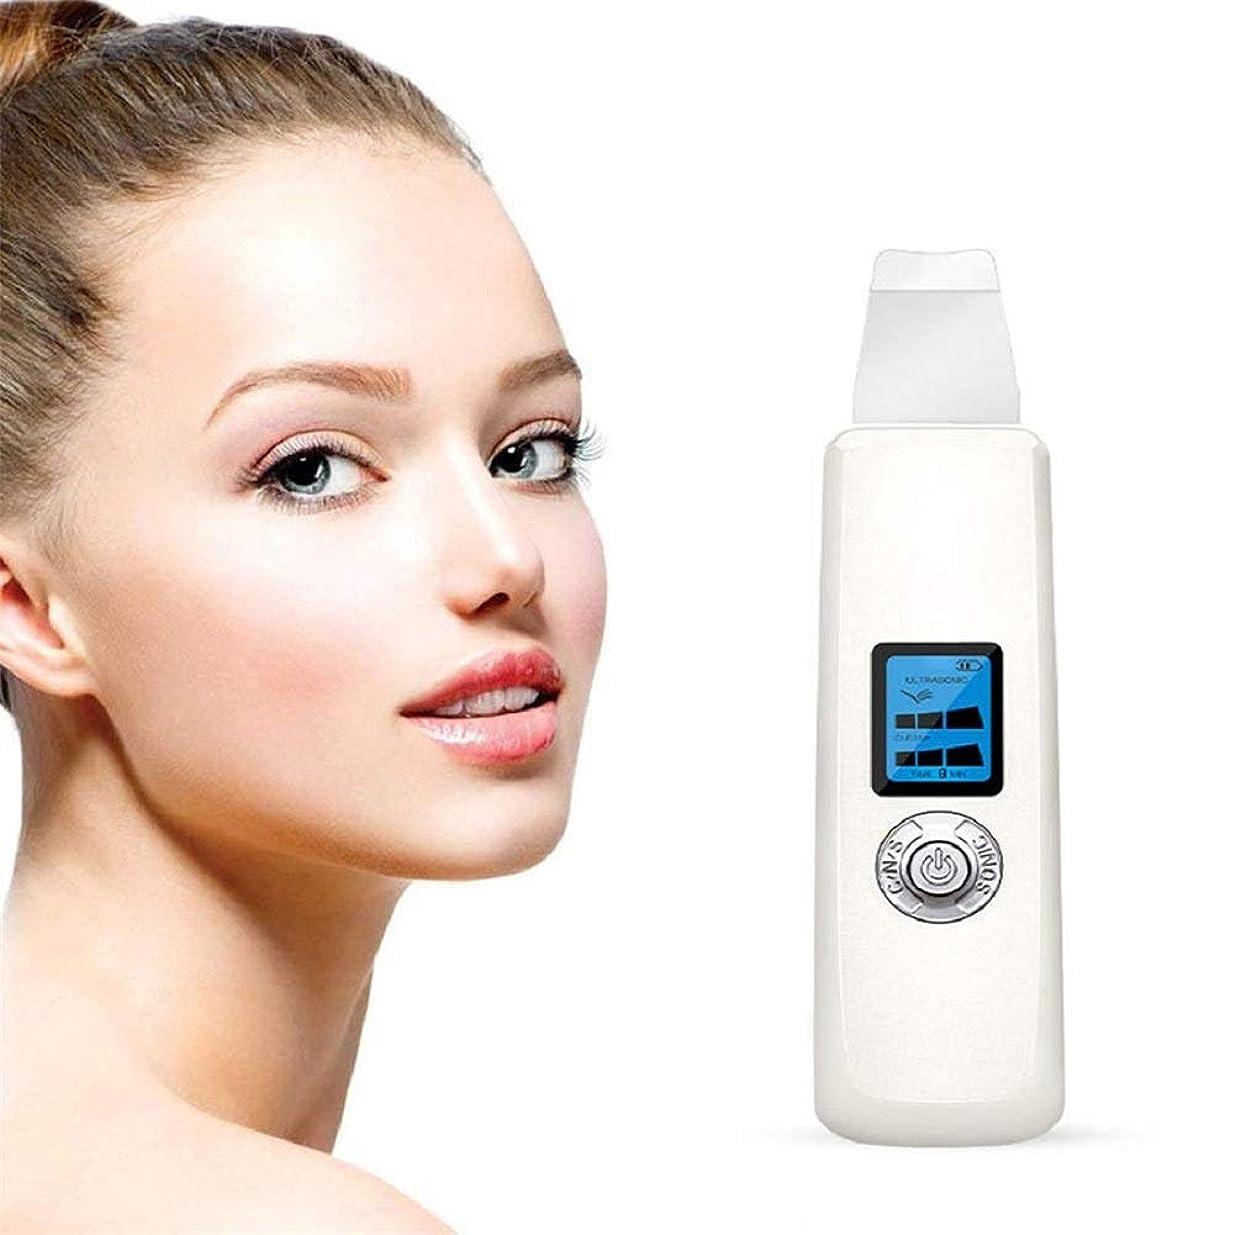 湖結果経験的ハンドヘルド美容機器、美容機器フェイシャルスキンピールダーマブレーション、肌の若返り防止アンチエイジングデバイス肌へら